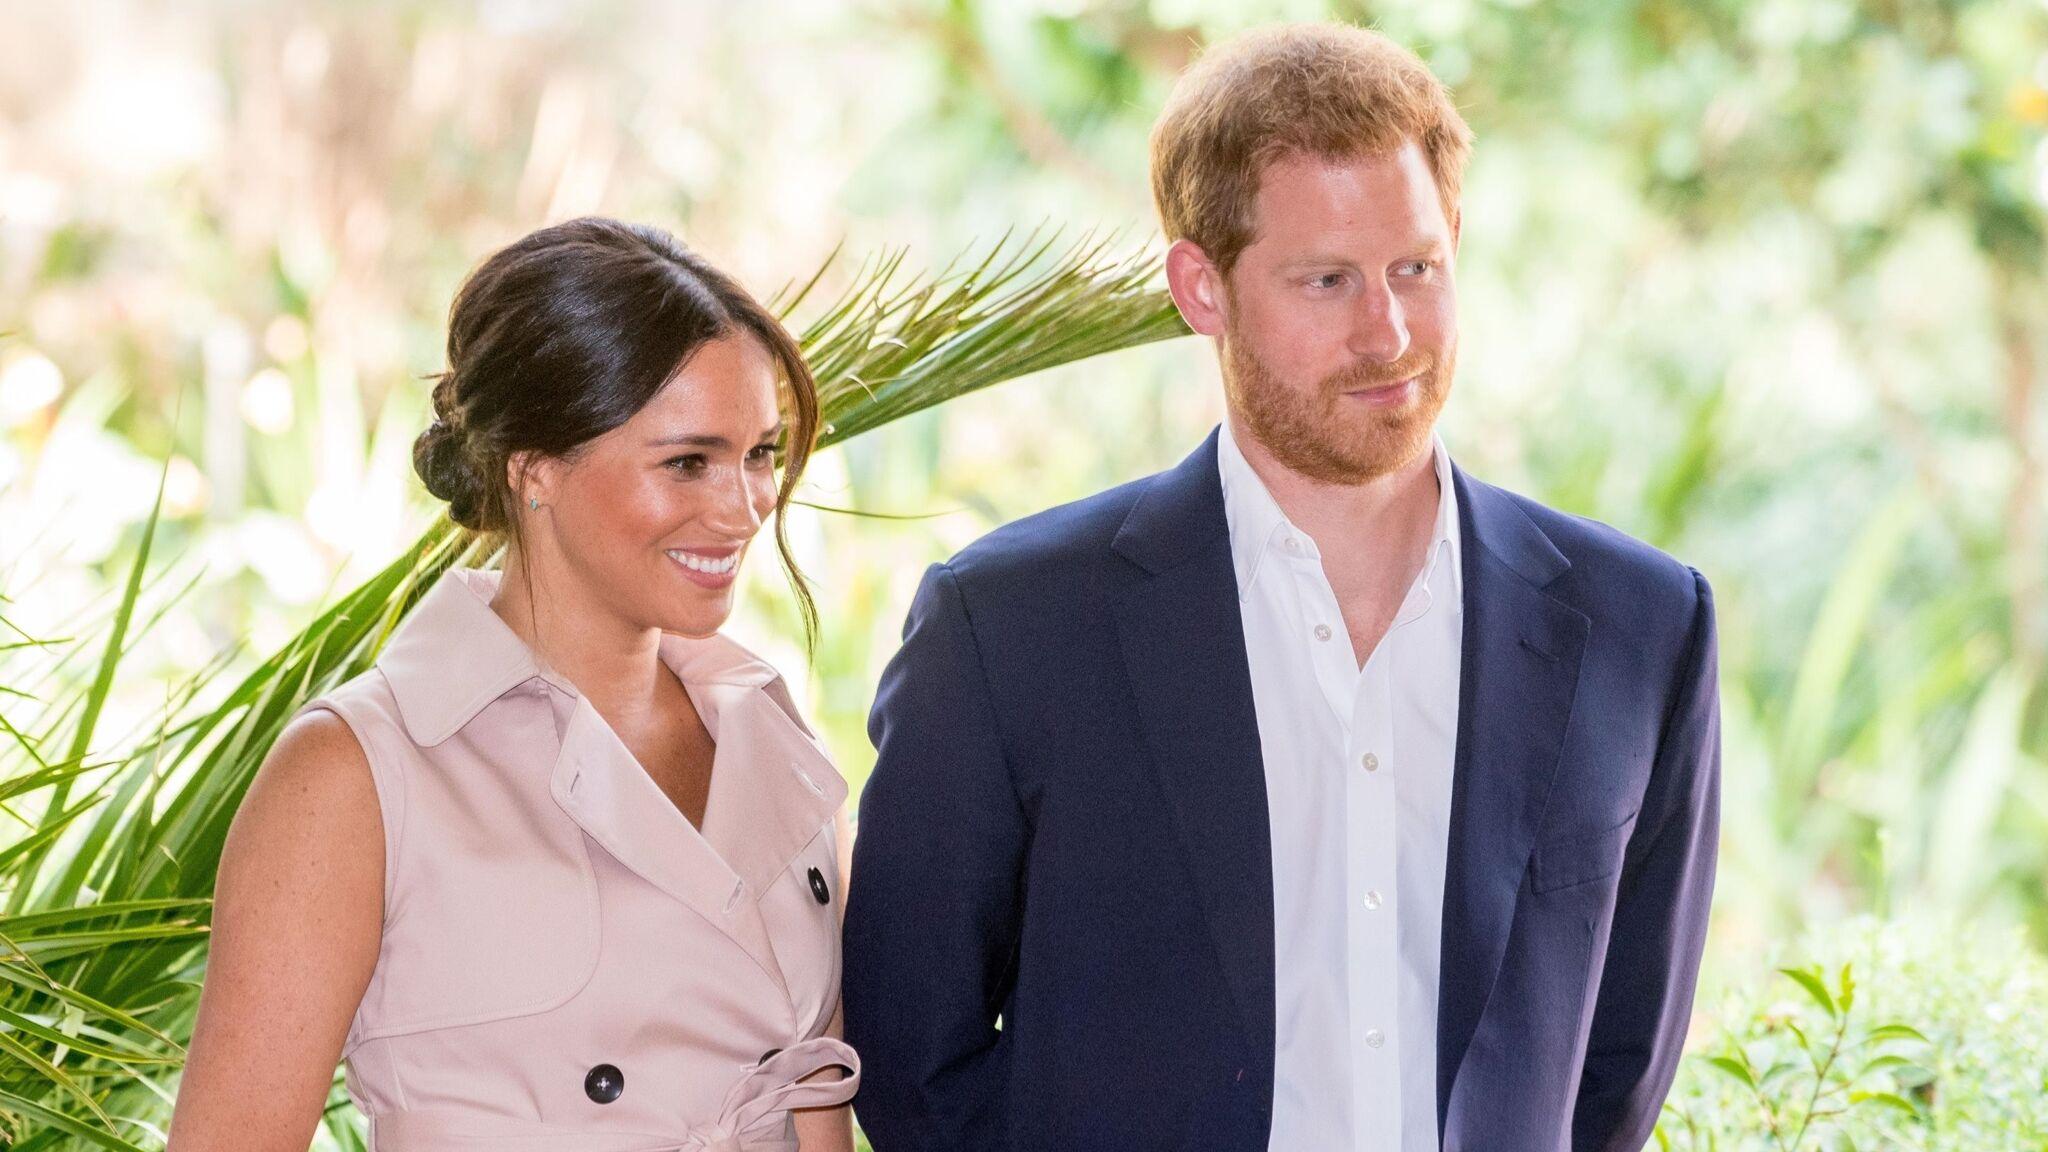 Le prince Harry et Meghan Markle visés par de graves accusations sur le fils Archie